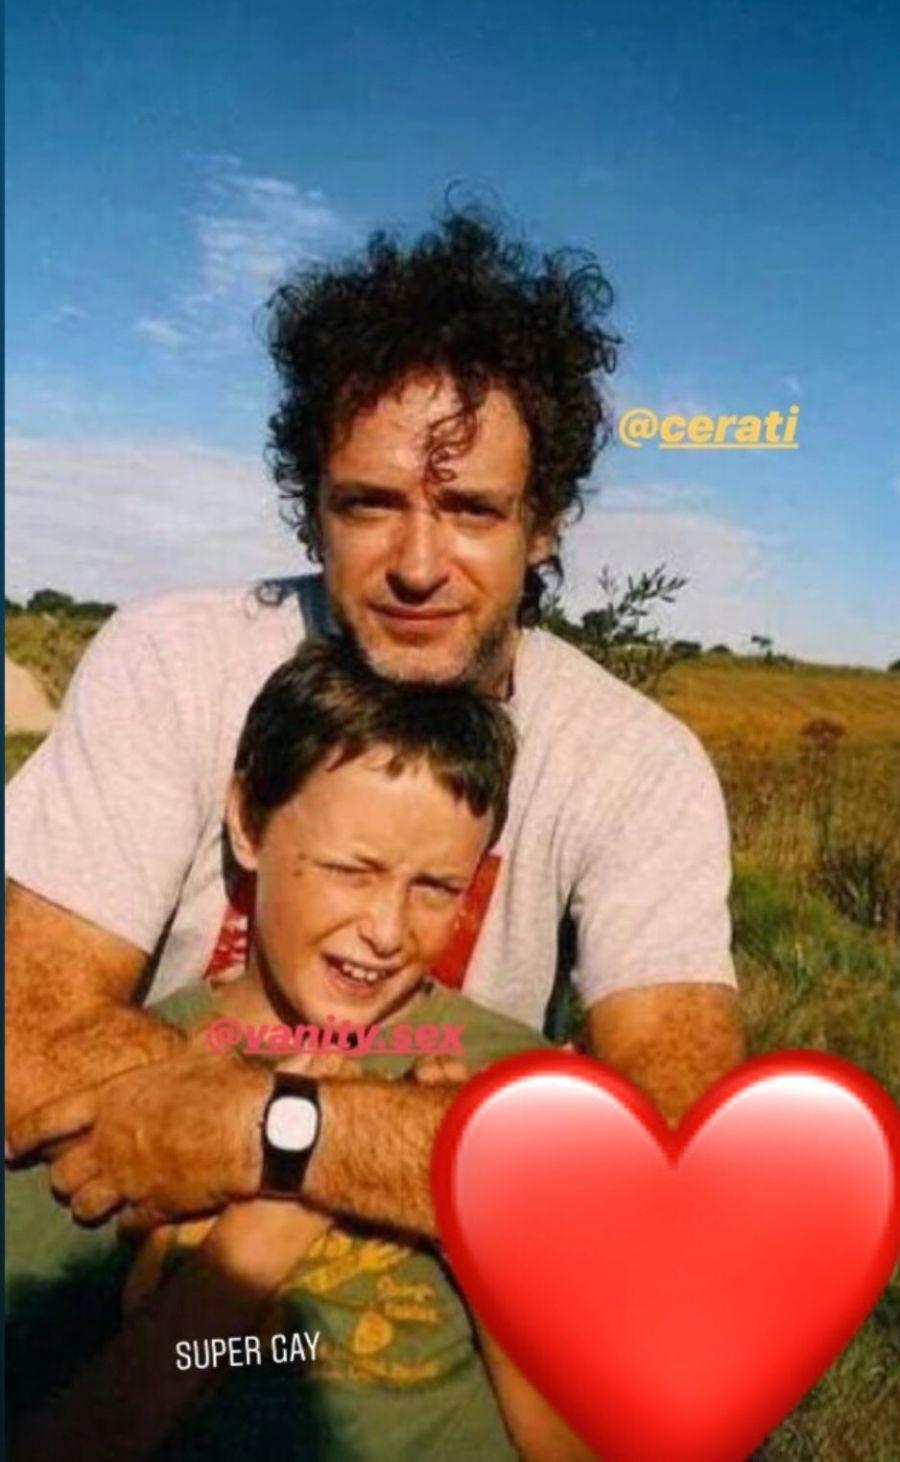 La foto con la que Benito Cerati homenajeó a su padre, Gustavo